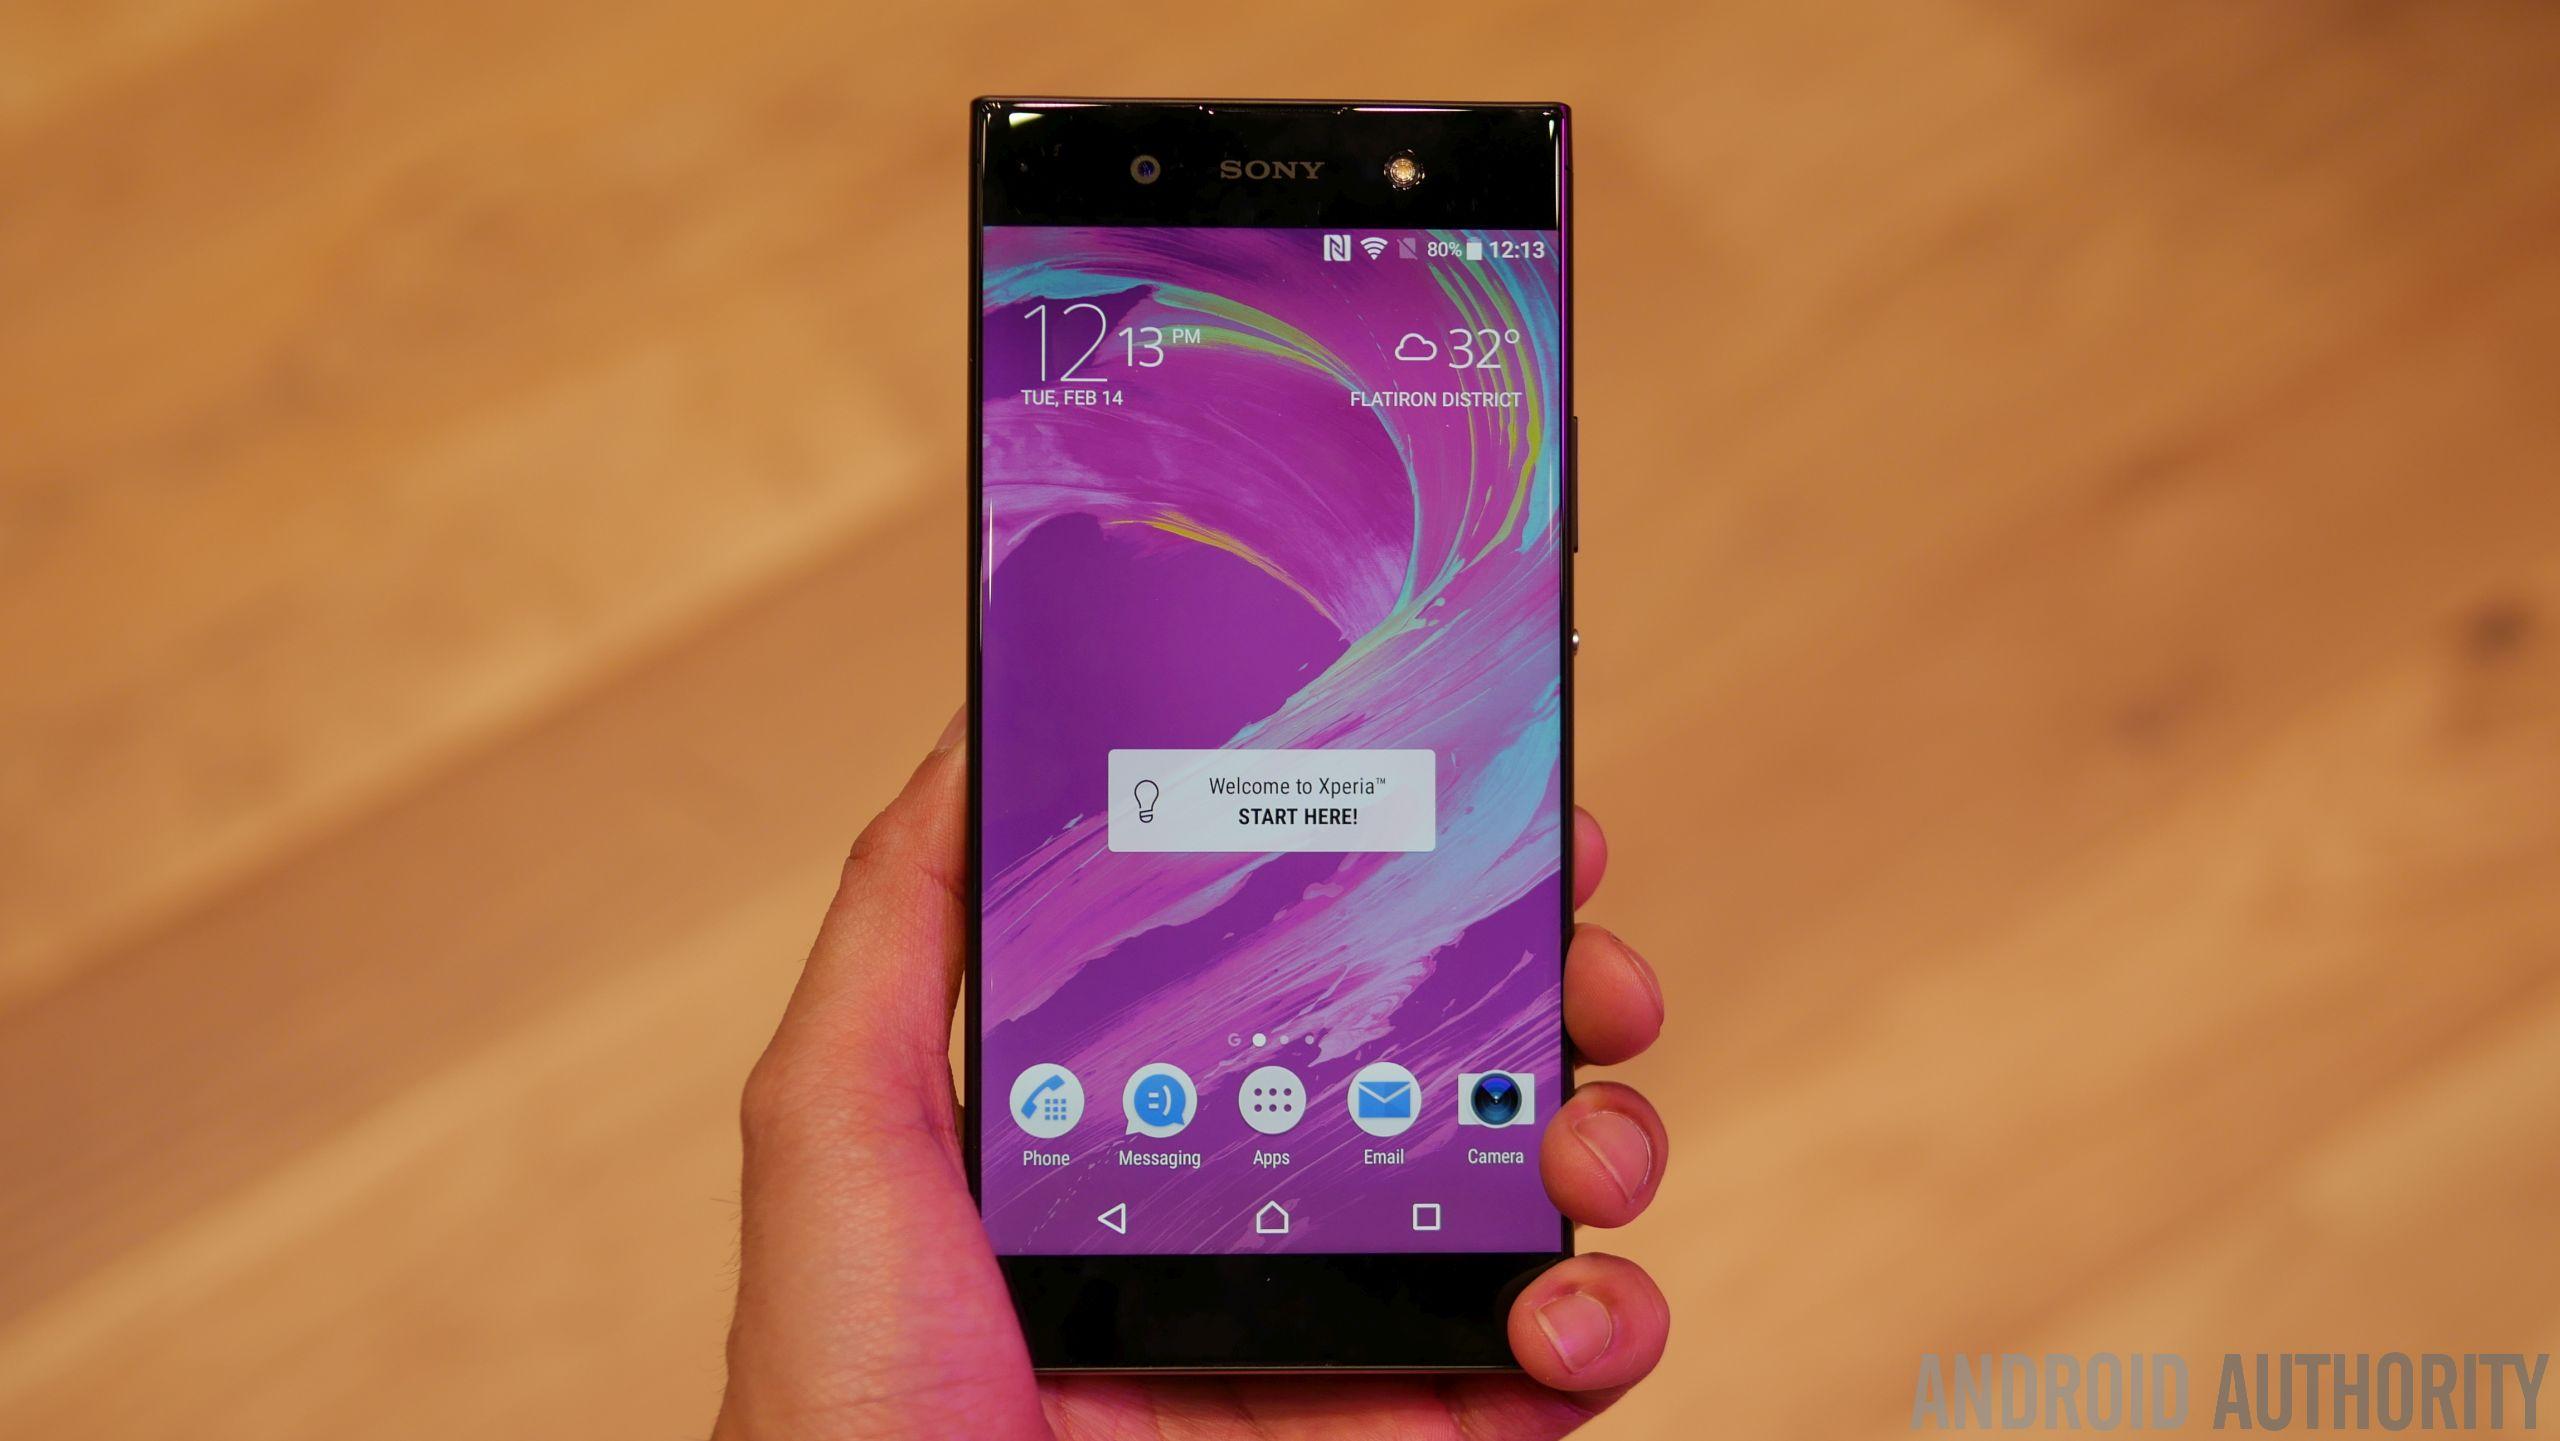 Sony xperia xa1 and xa1 ultra hands on android authority - Sony Xperia Xa1 And Xa1 Ultra Hands On Android Authority 13